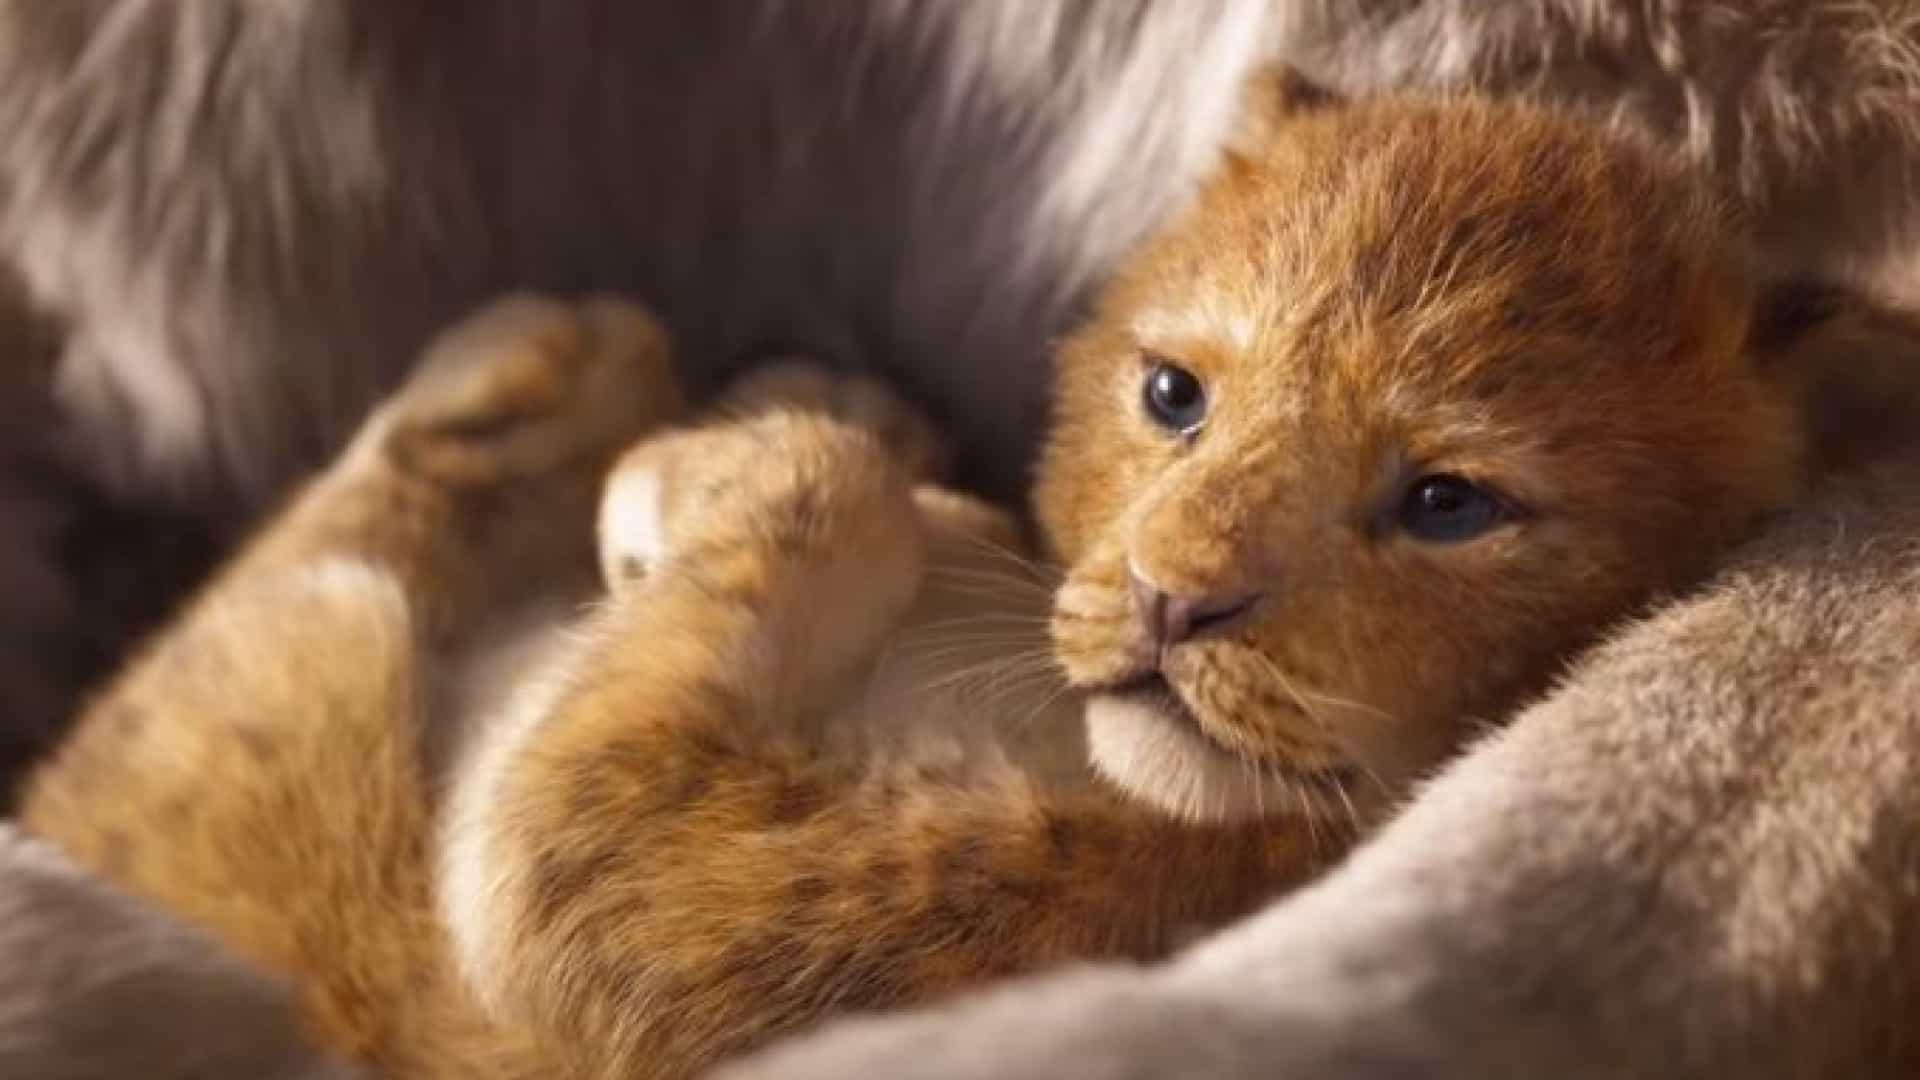 Crítica O Rei Leão, O Rei Leão, O Rei Leão remake, O Rei Leão 2019, Delfos